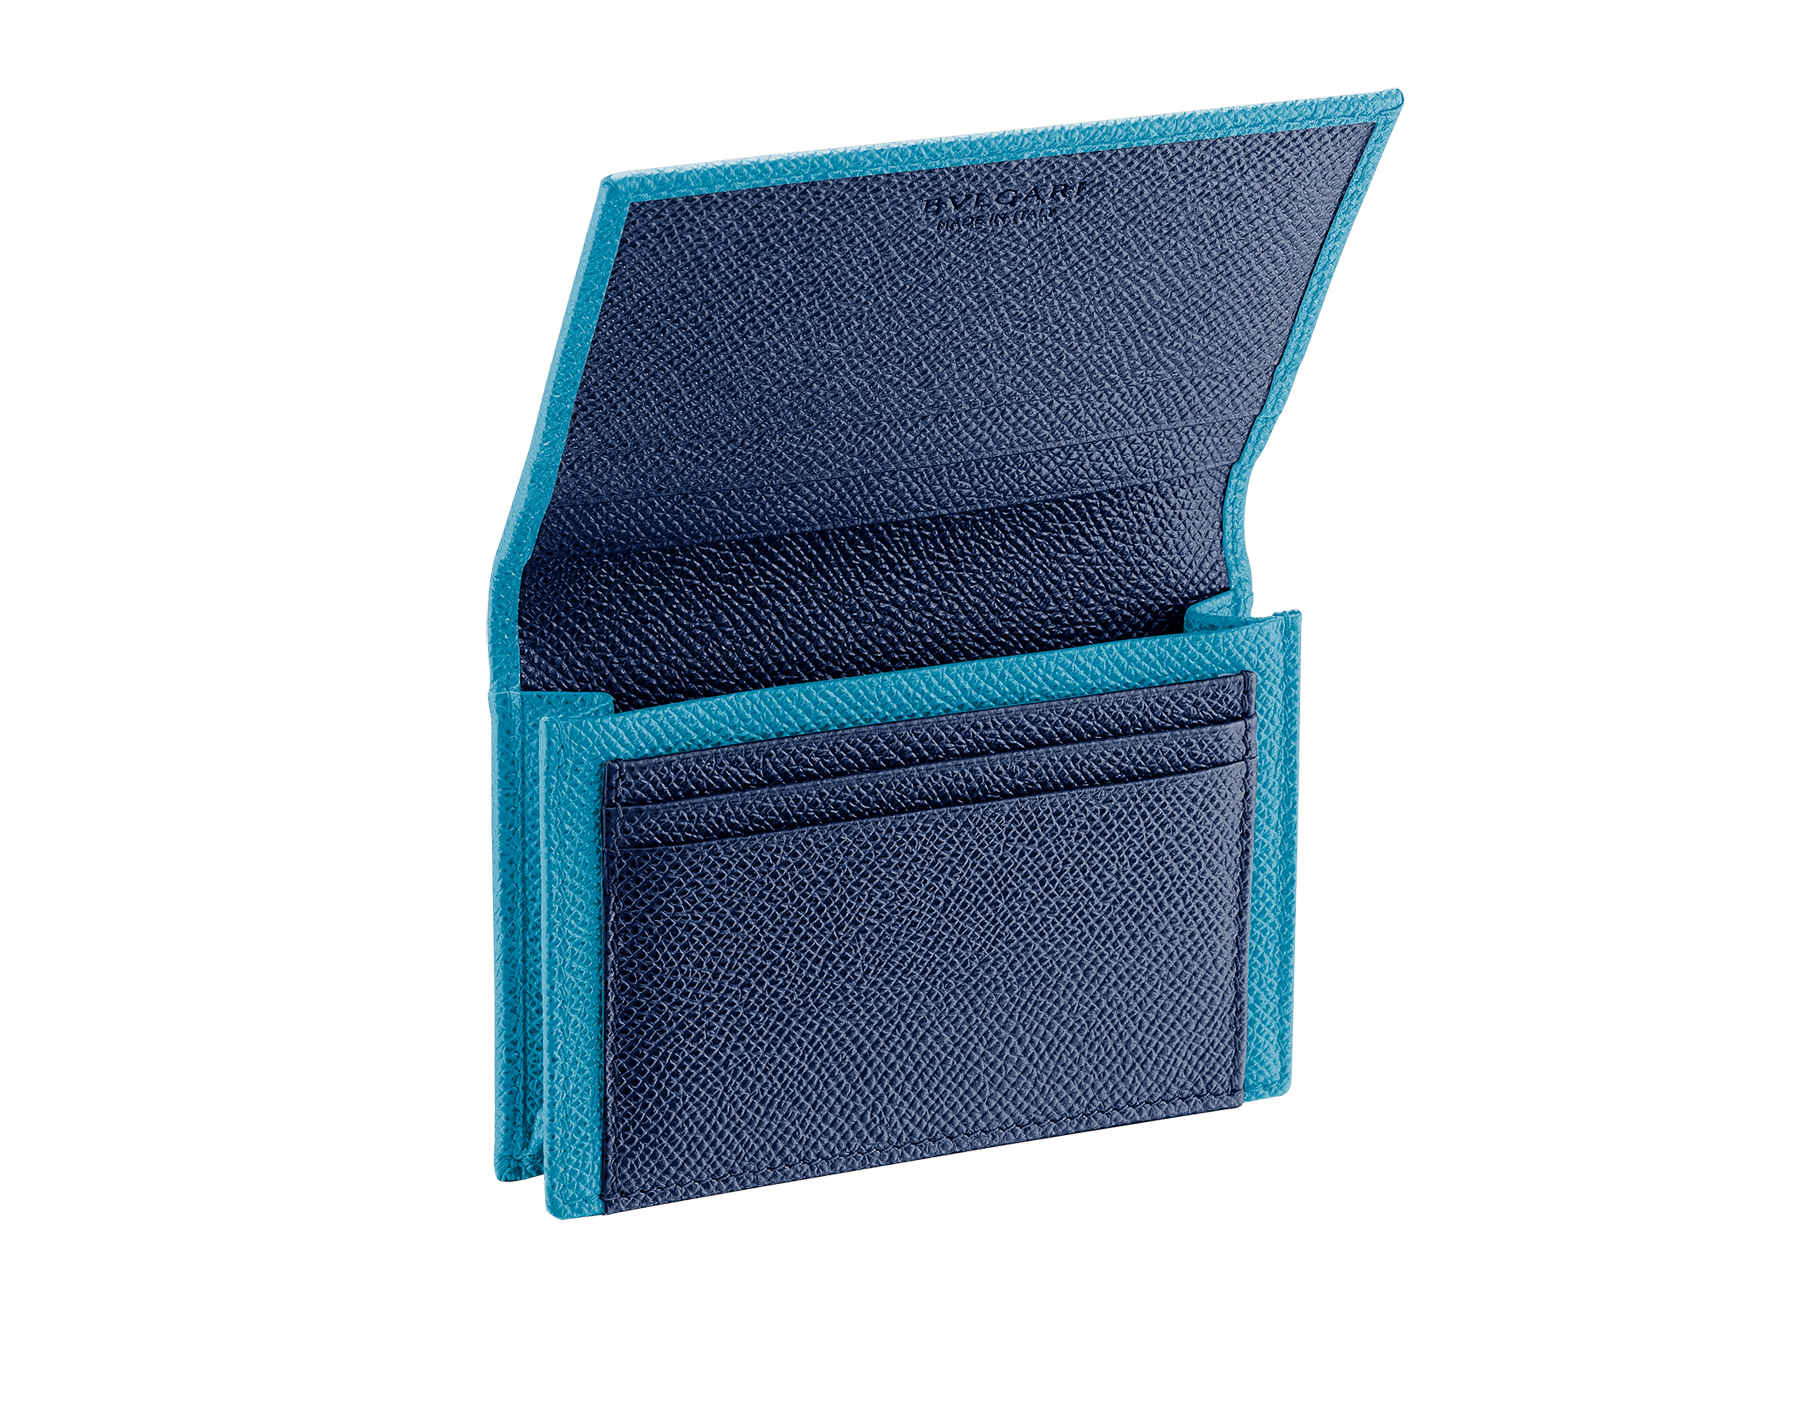 Tarjetero para tarjetas de visita BVLGARI BVLGARI en piel de becerro granulada color turquesa de Capri y zafiro real, y motivo con logotipo en latón bañado en paladio. 290057 image 2